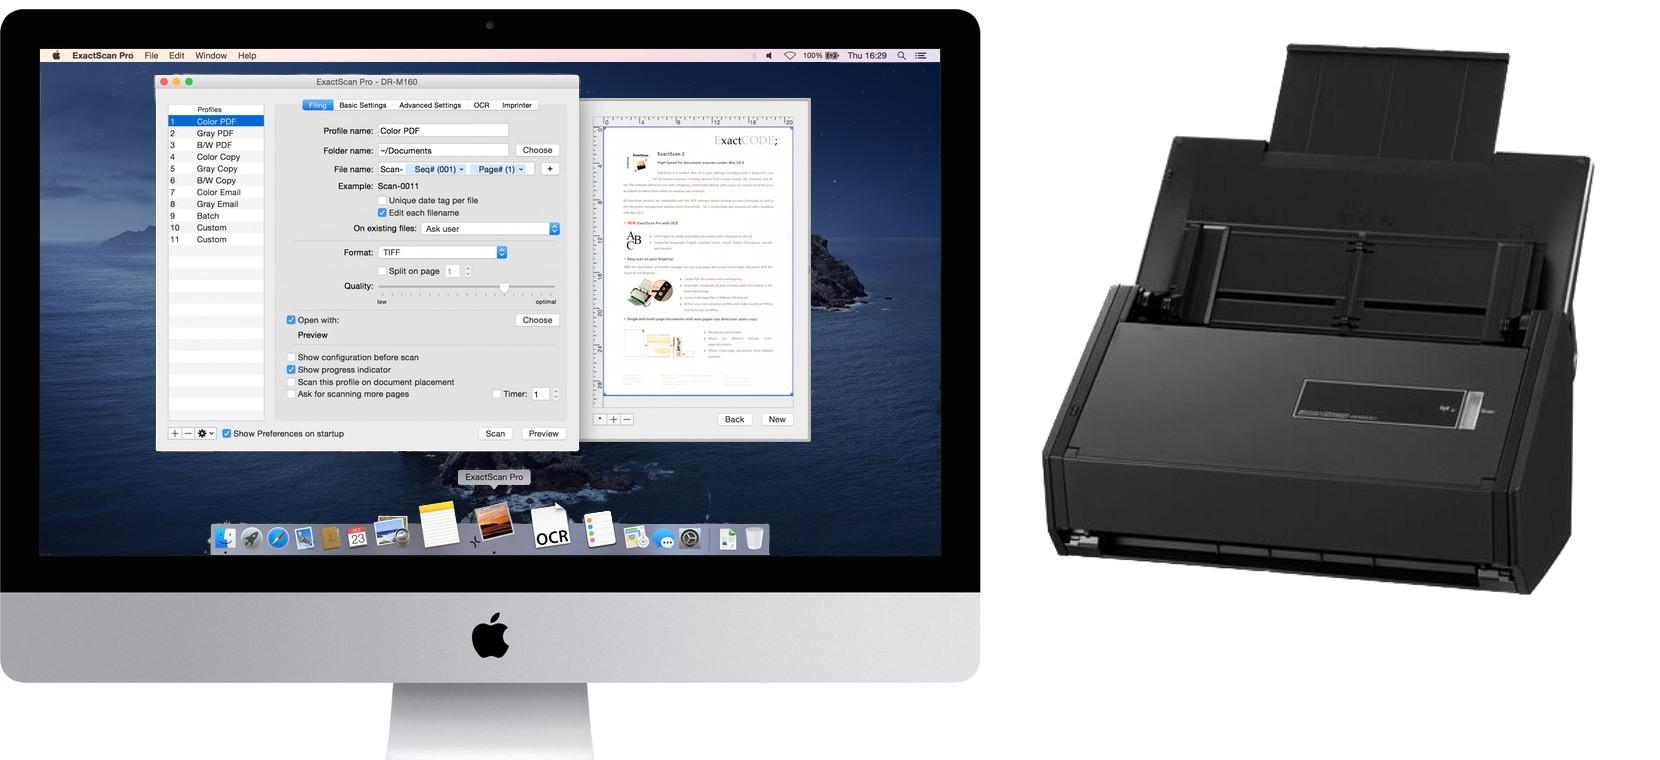 ExactScan - High Speed Document Scanning